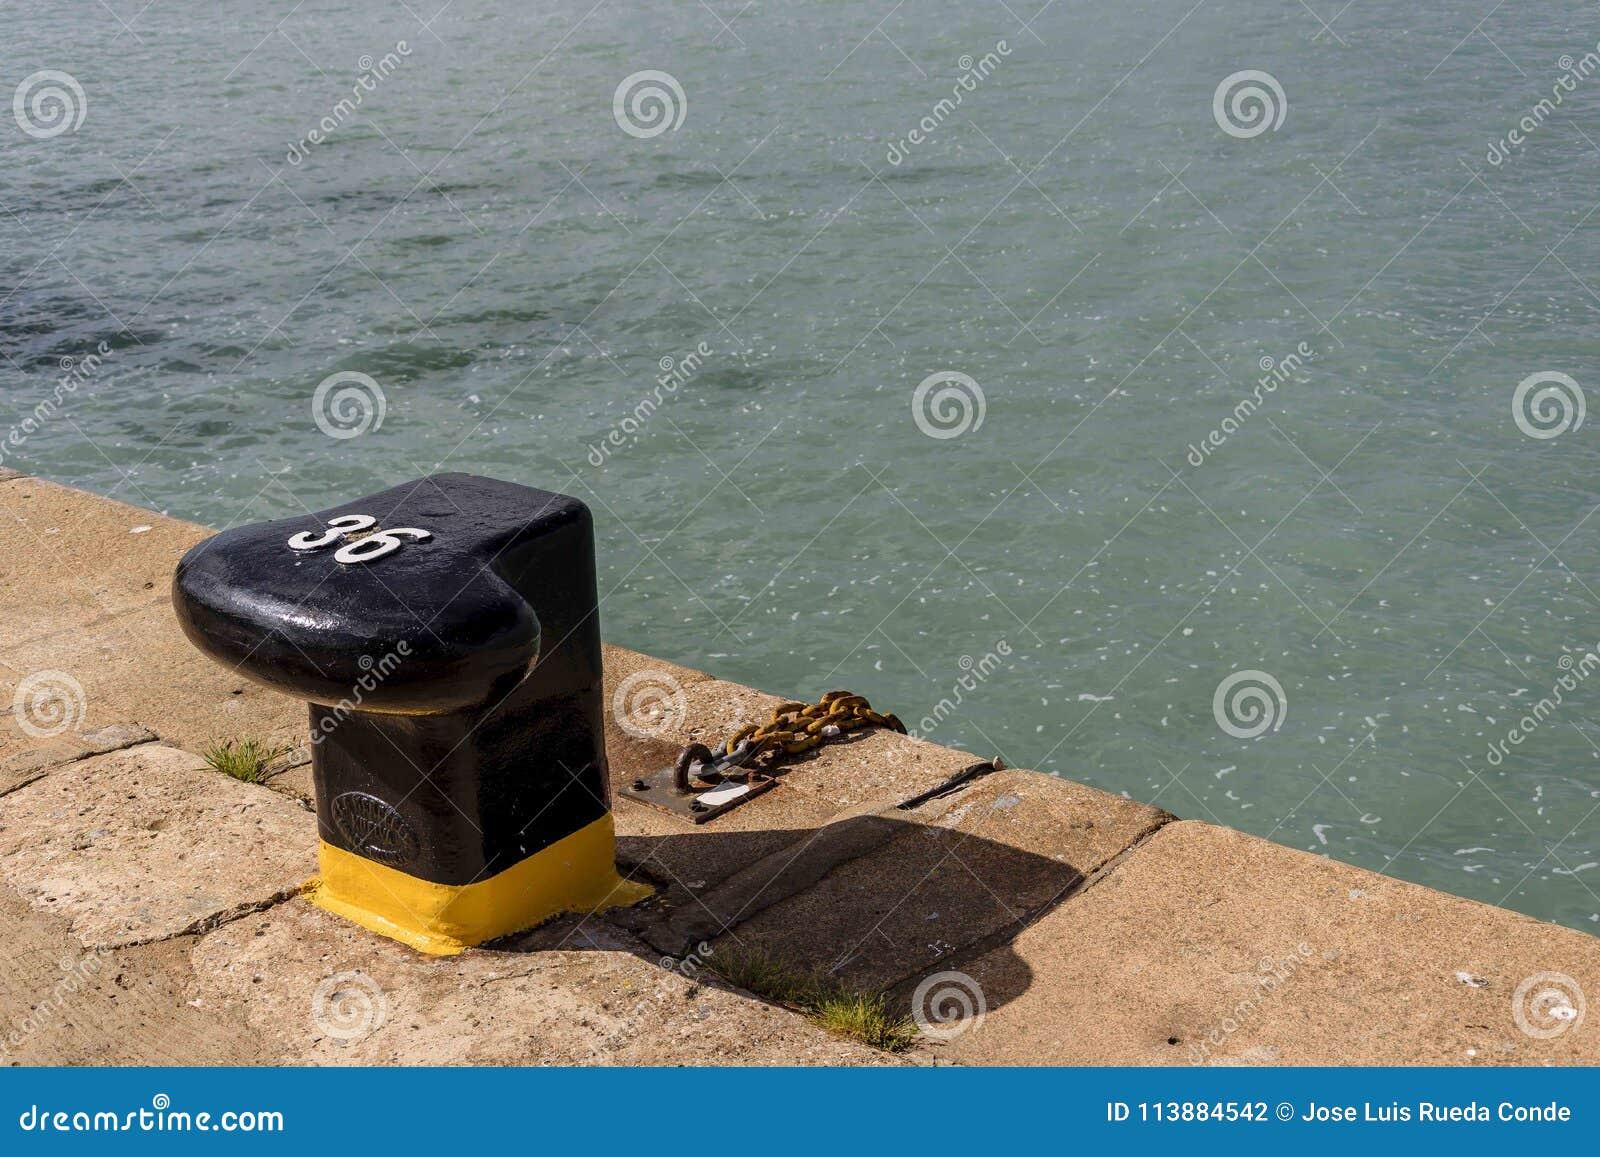 Borne numéro 36 dans le port de Huelva prêt à recevoir un amarrage